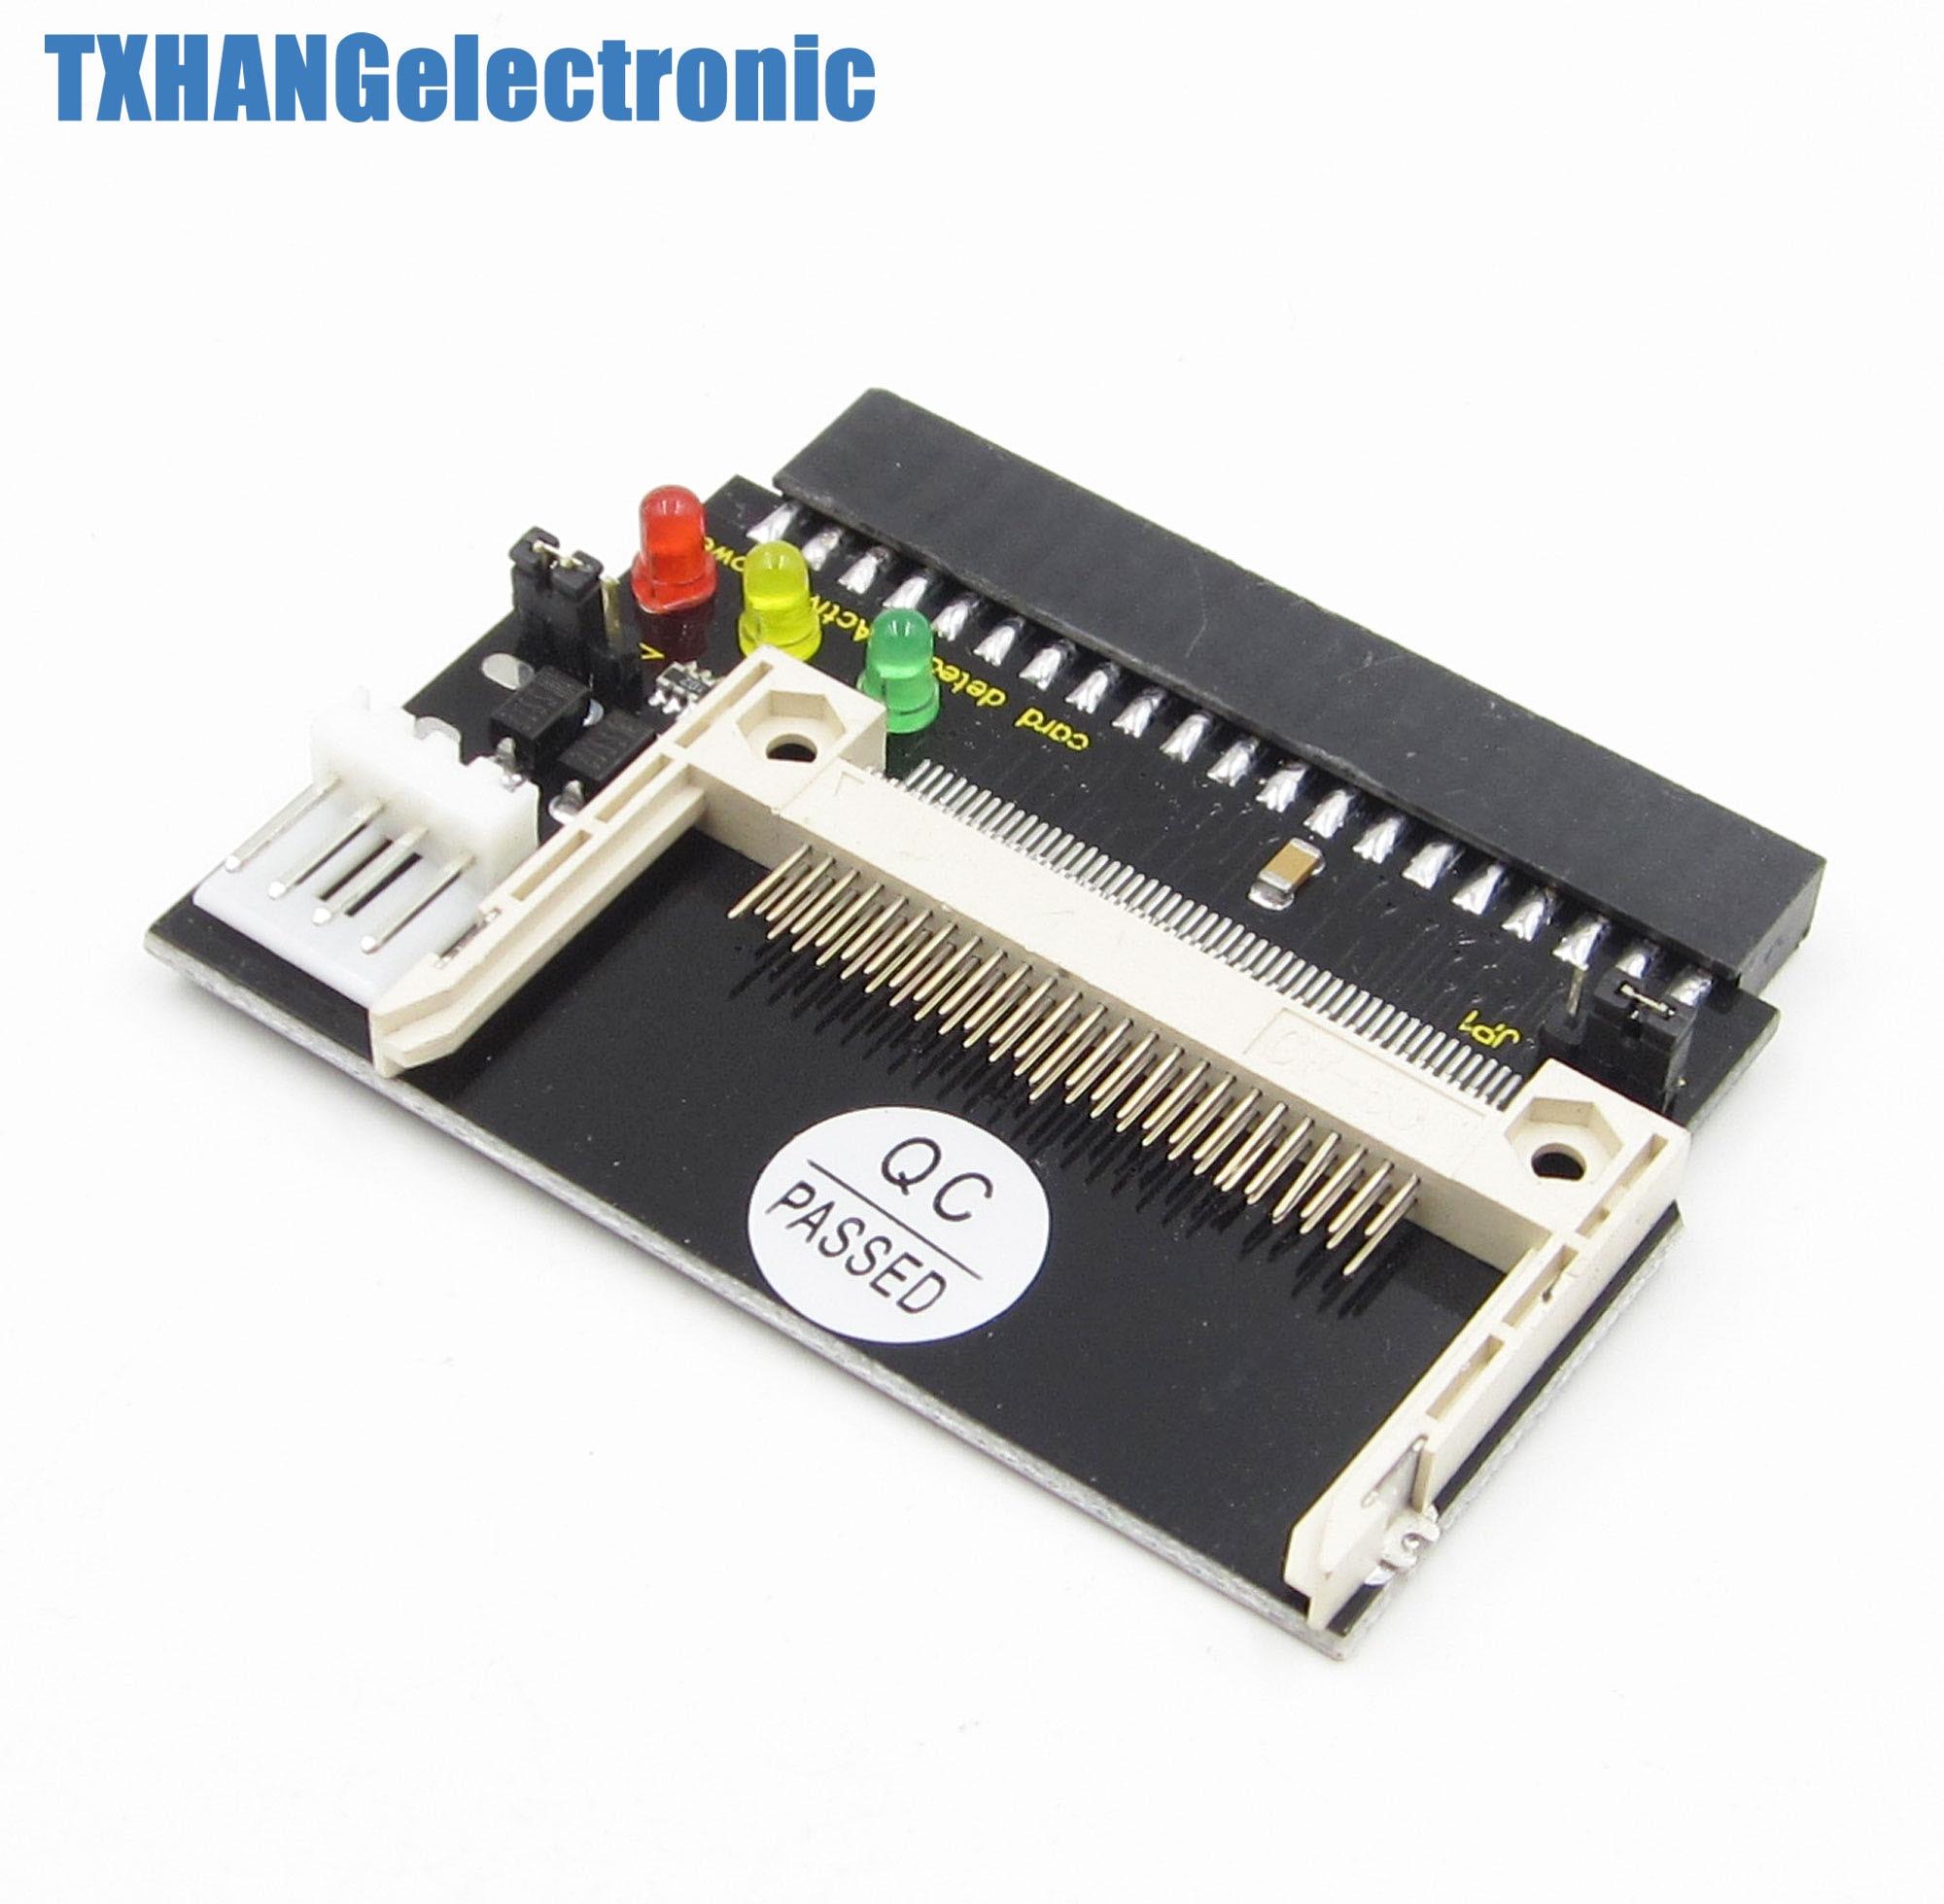 pact Flash CF menjadi 3 5 Perempuan 40 Pin IDE Adapter Converter Kartu Bootable